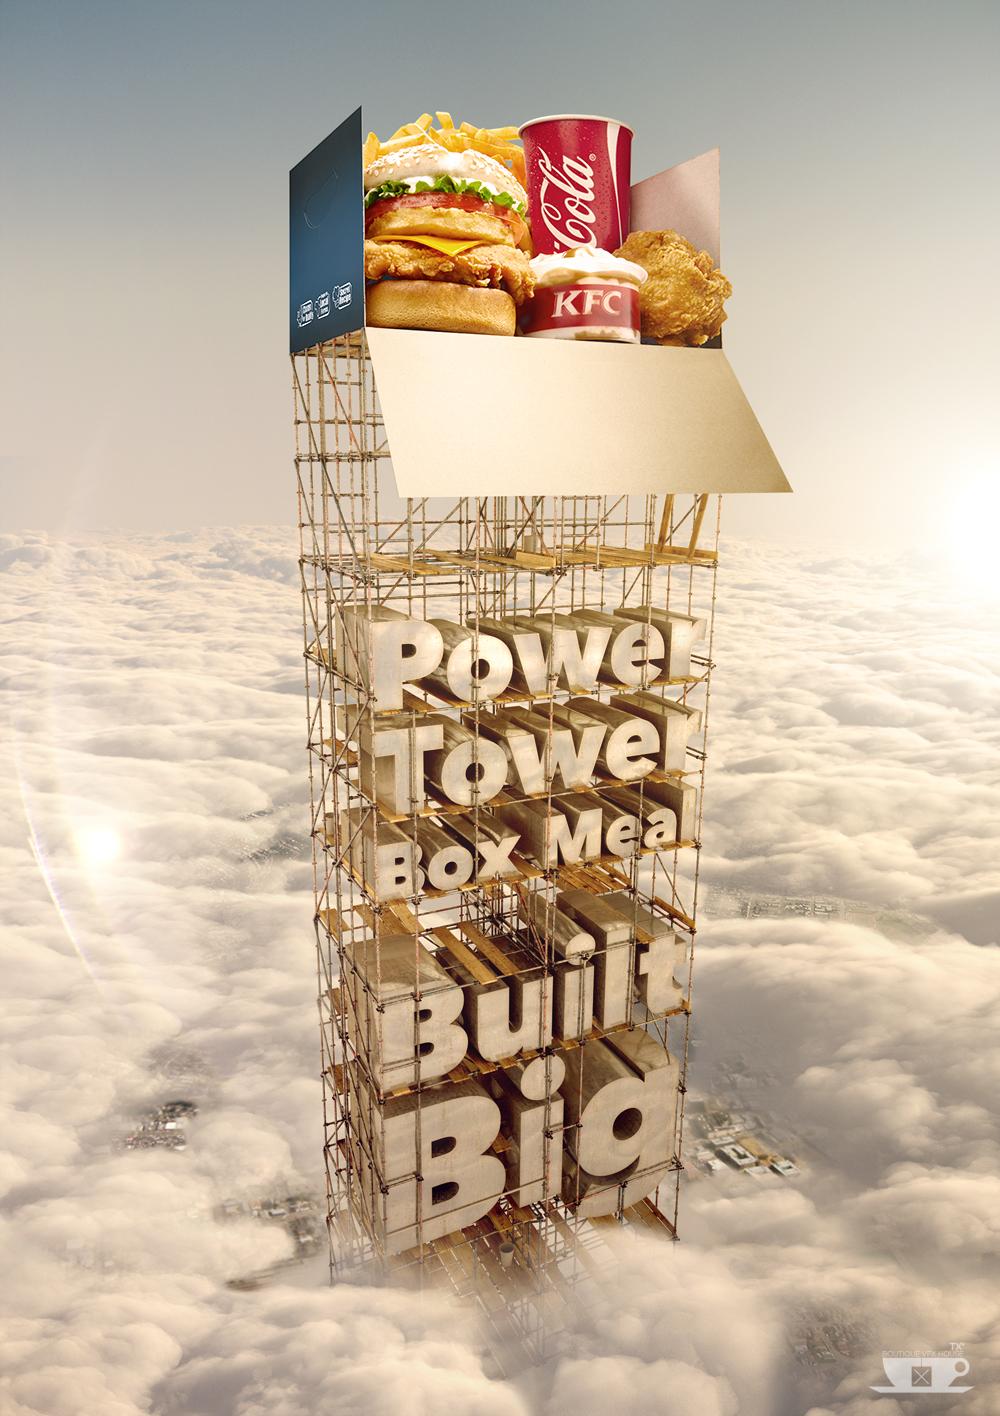 Built_Big